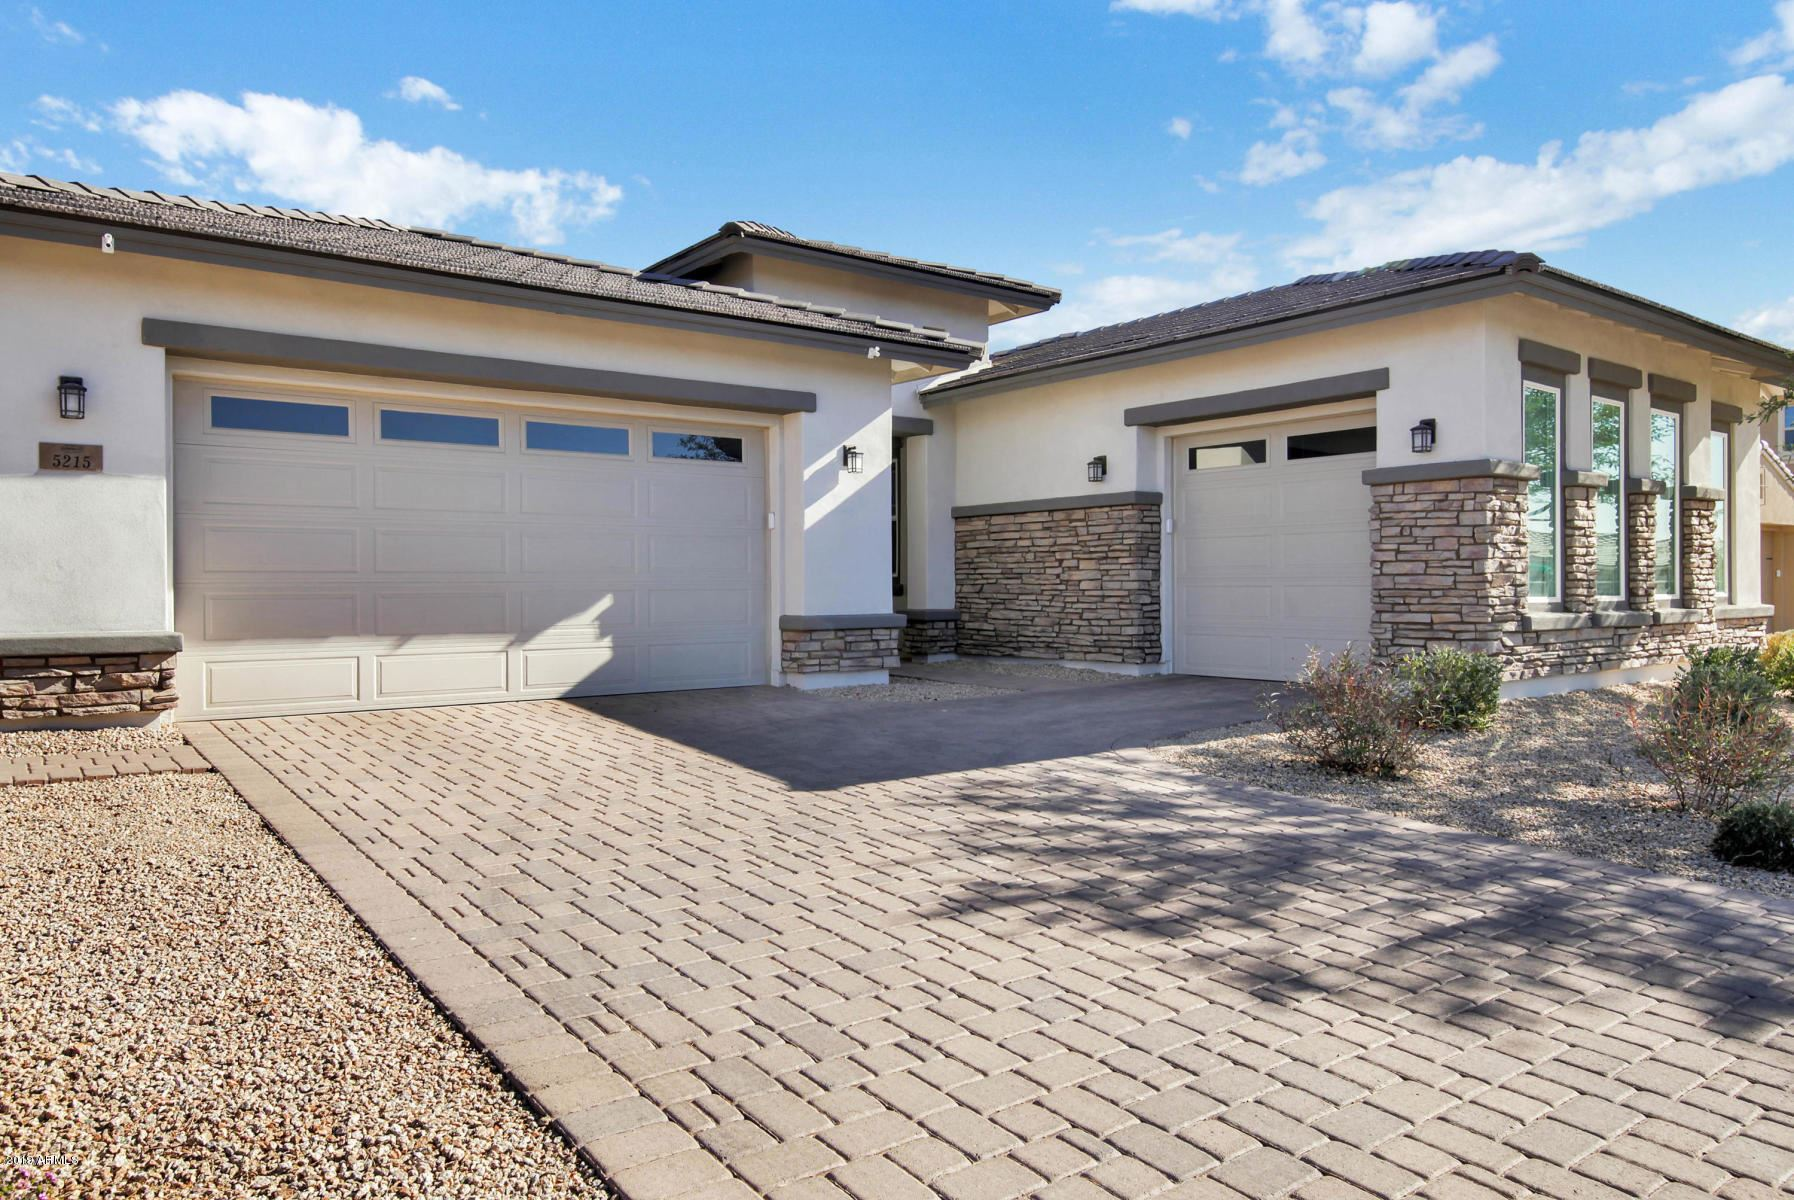 Photo of 5215 N 145TH Drive, Litchfield Park, AZ 85340 (MLS # 6309775)